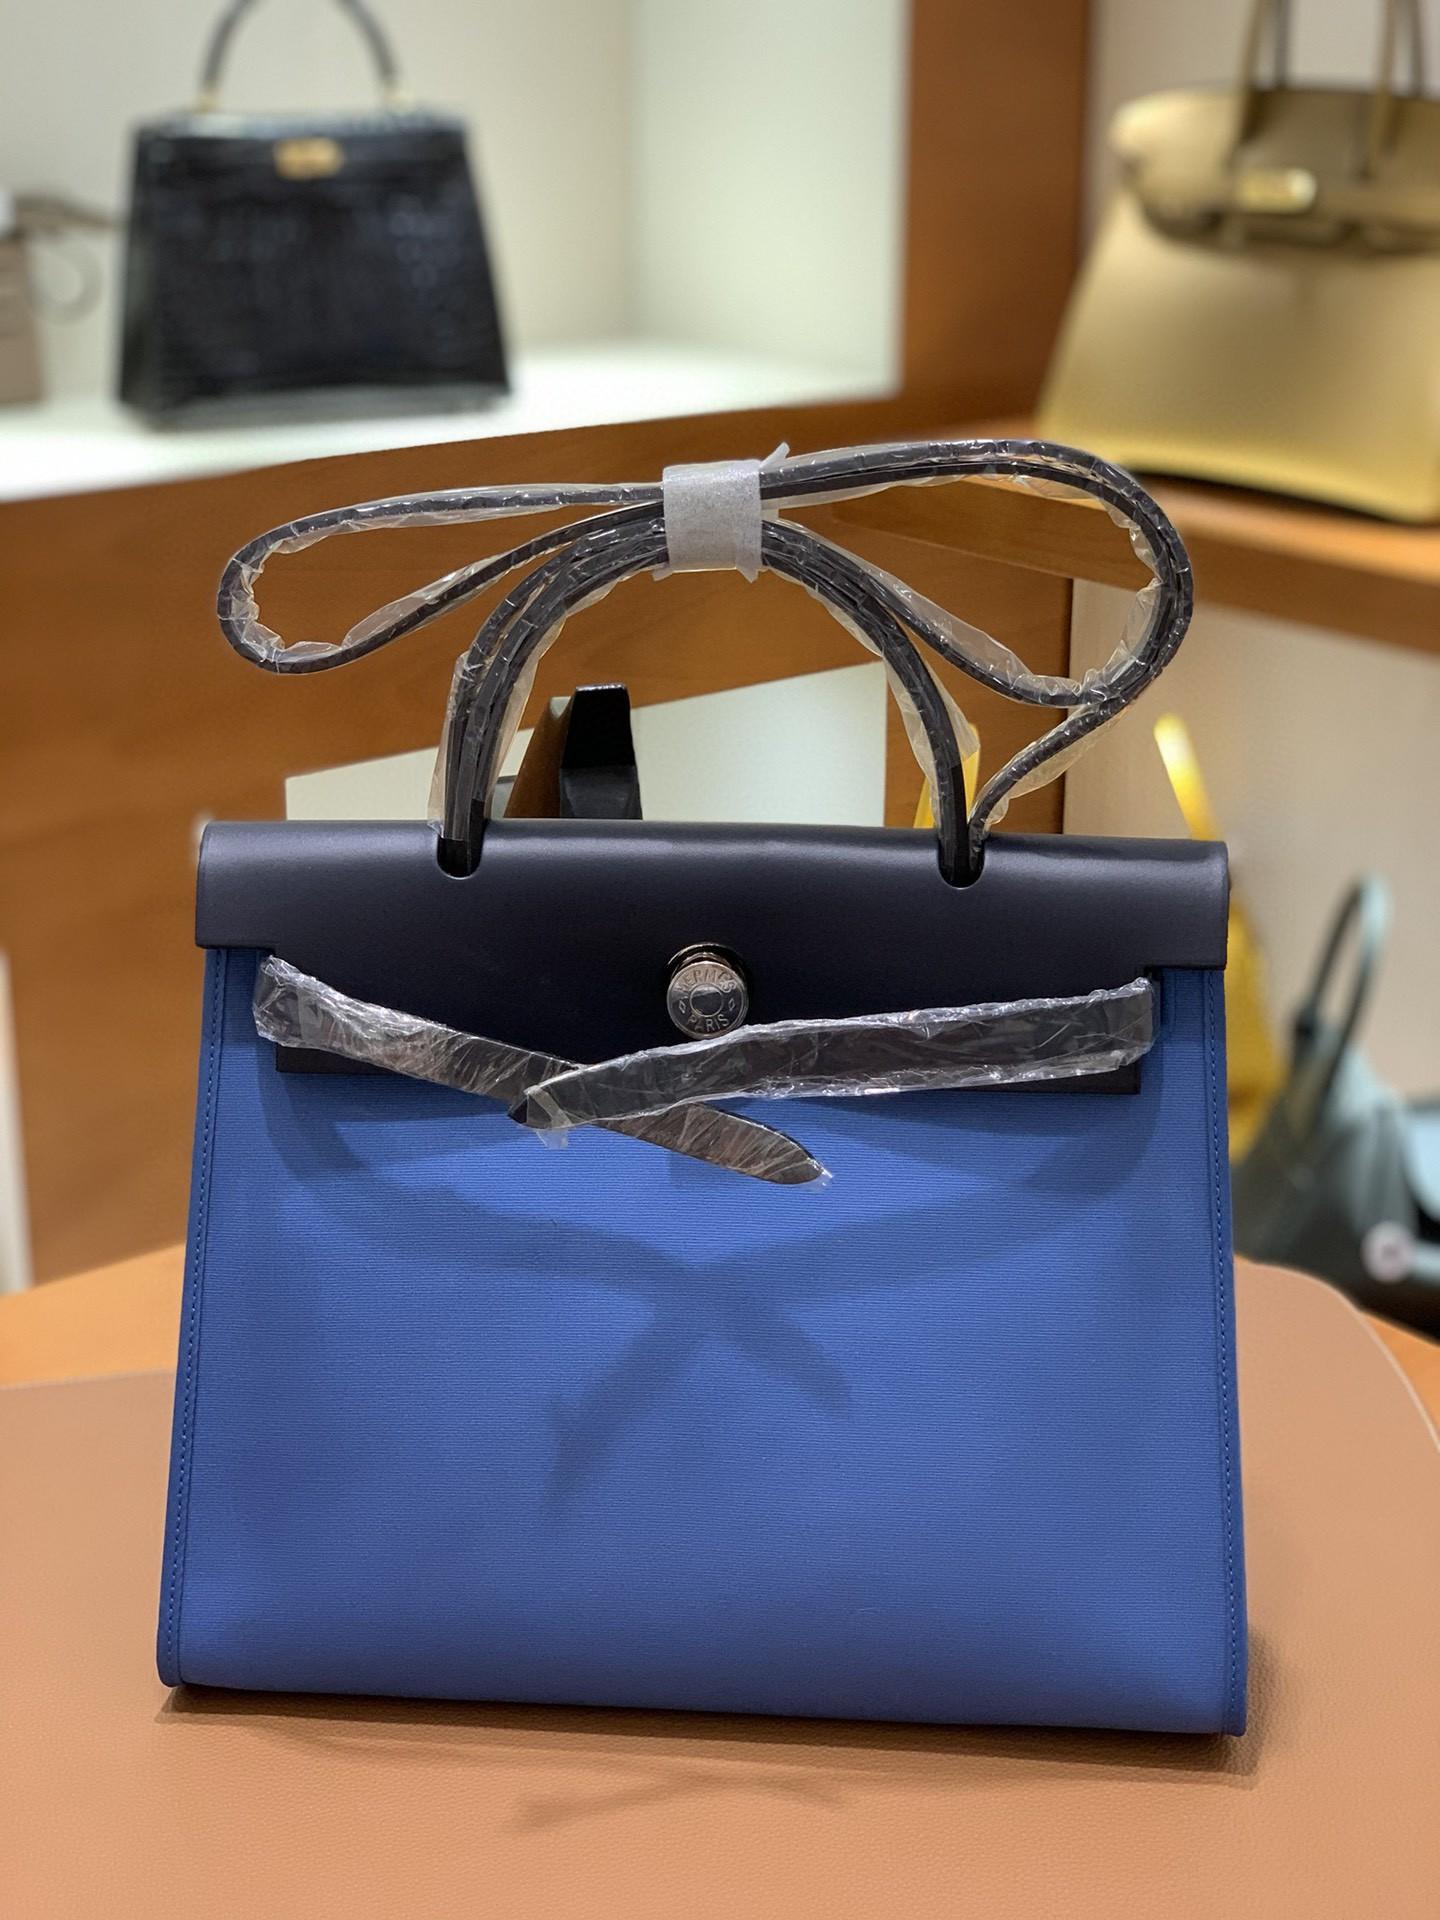 Hermès(爱马仕)Herbag 午夜蓝 玛瑙蓝 Box帆布 银扣 31cm